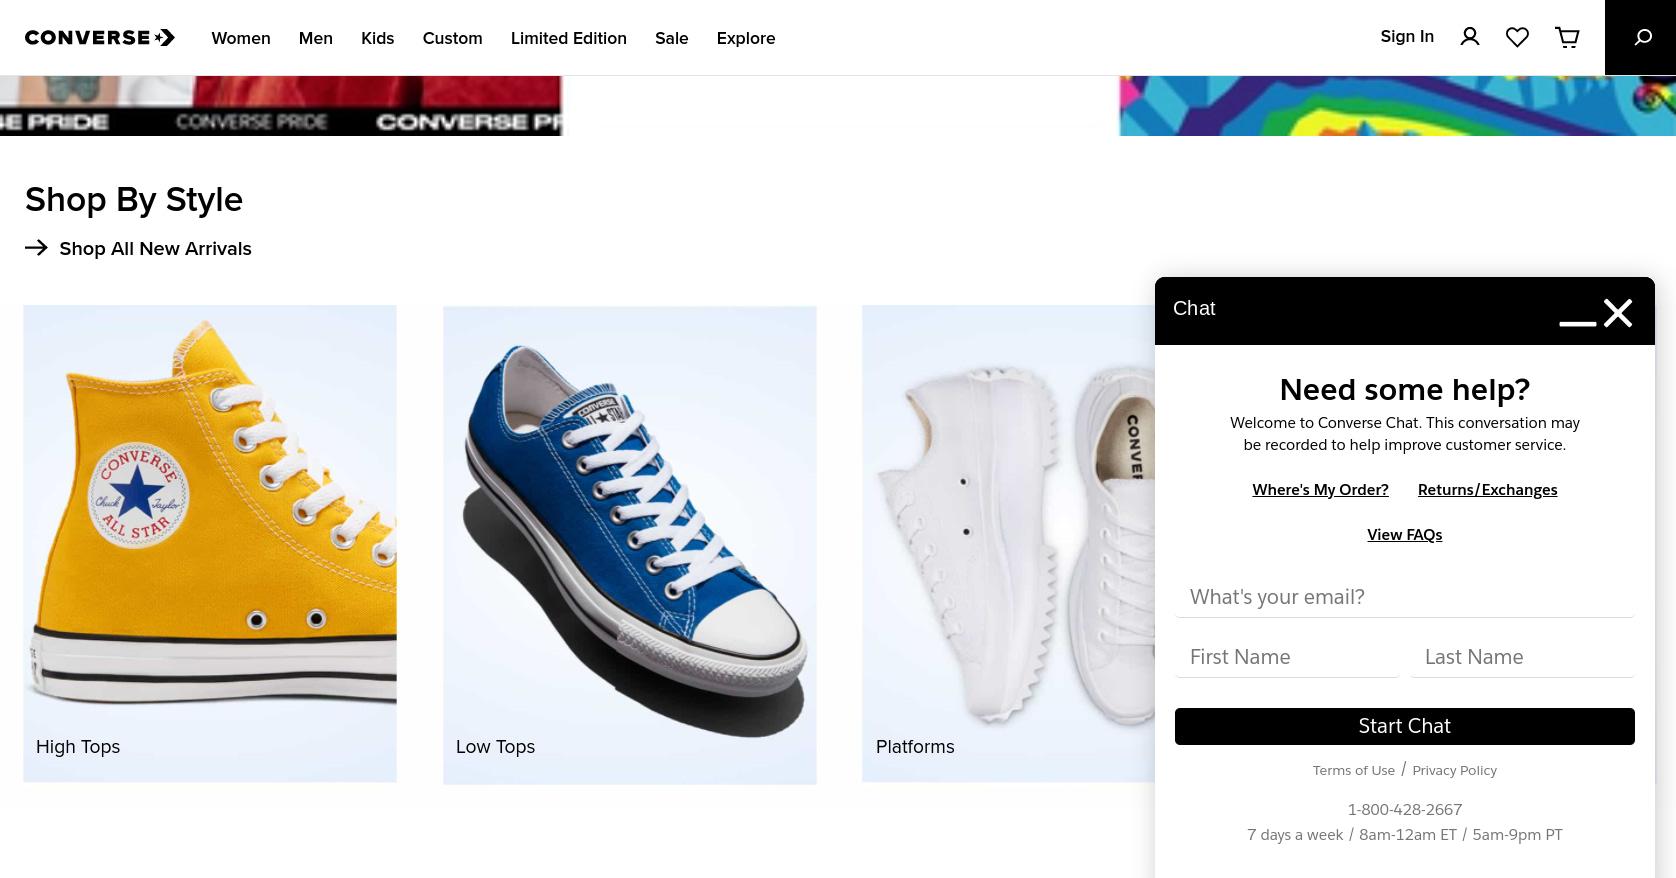 Un ejemplo de un chatbot de comercio electrónico en el sitio web de Converse.